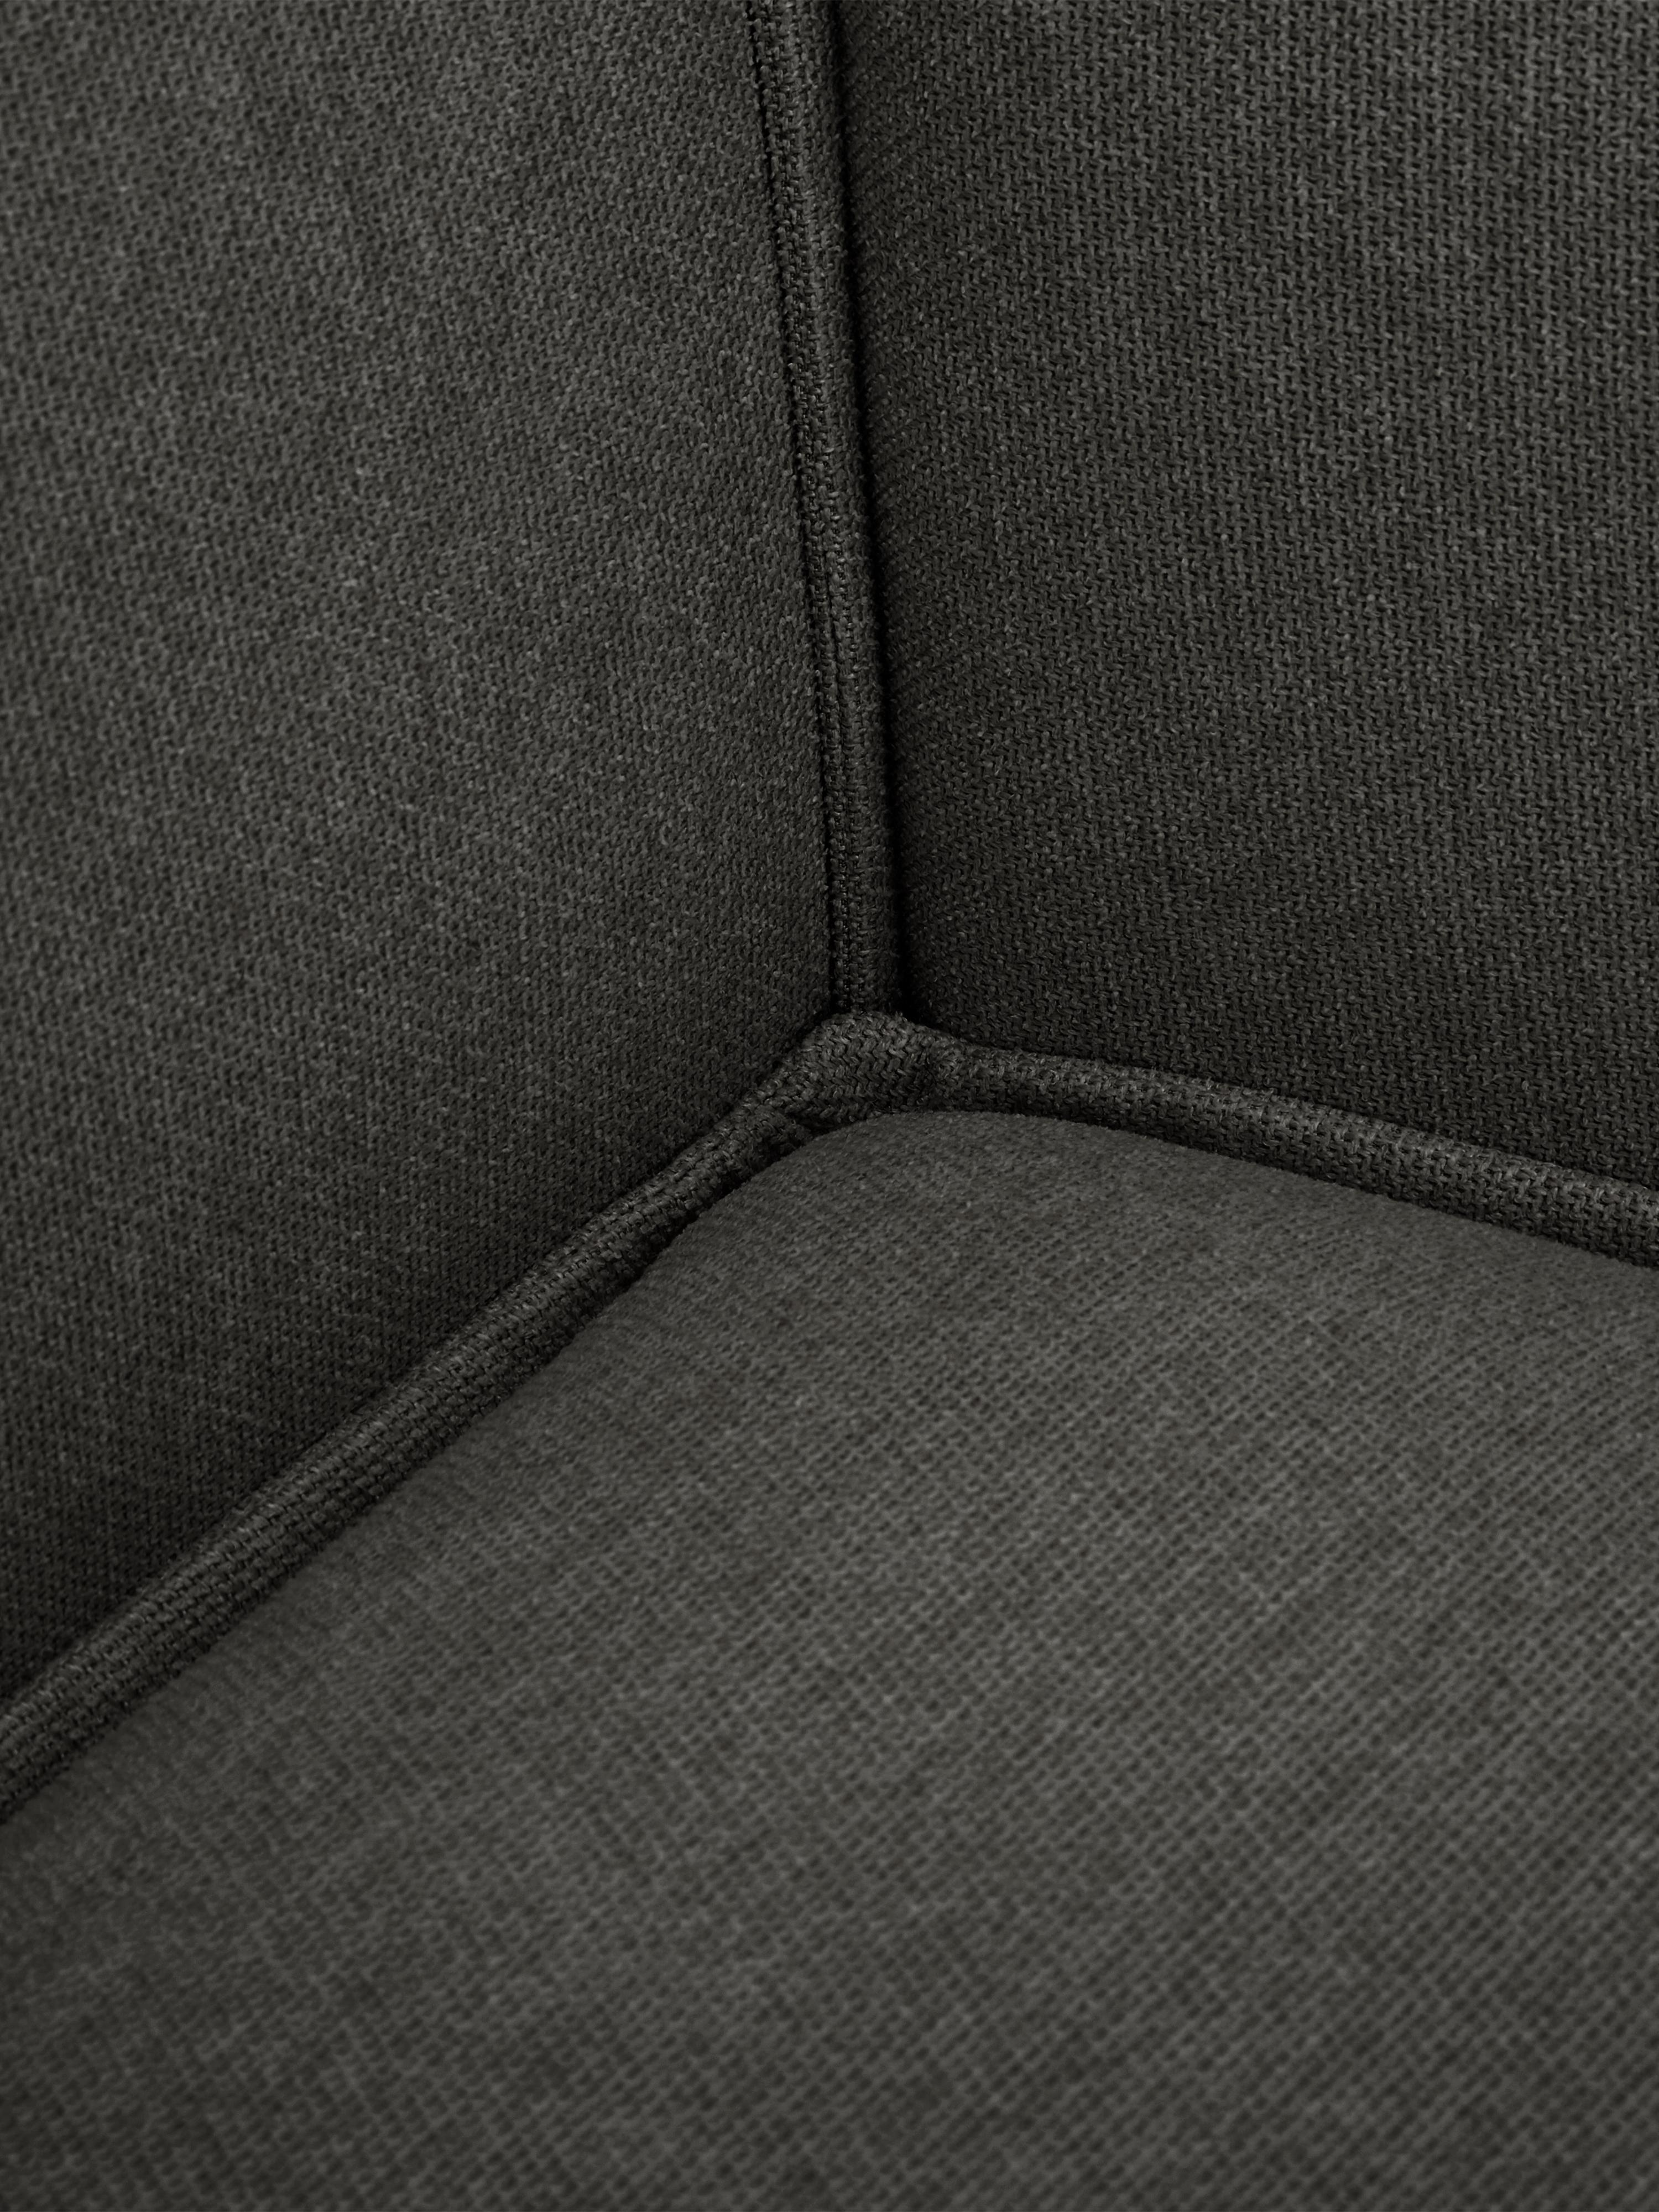 Sofá modular Lennon (3plazas), Tapizado: poliéster Resistencia a l, Estructura: madera de pino maciza, ma, Patas: plástico, Gris antracita, An 238 x F 119 cm